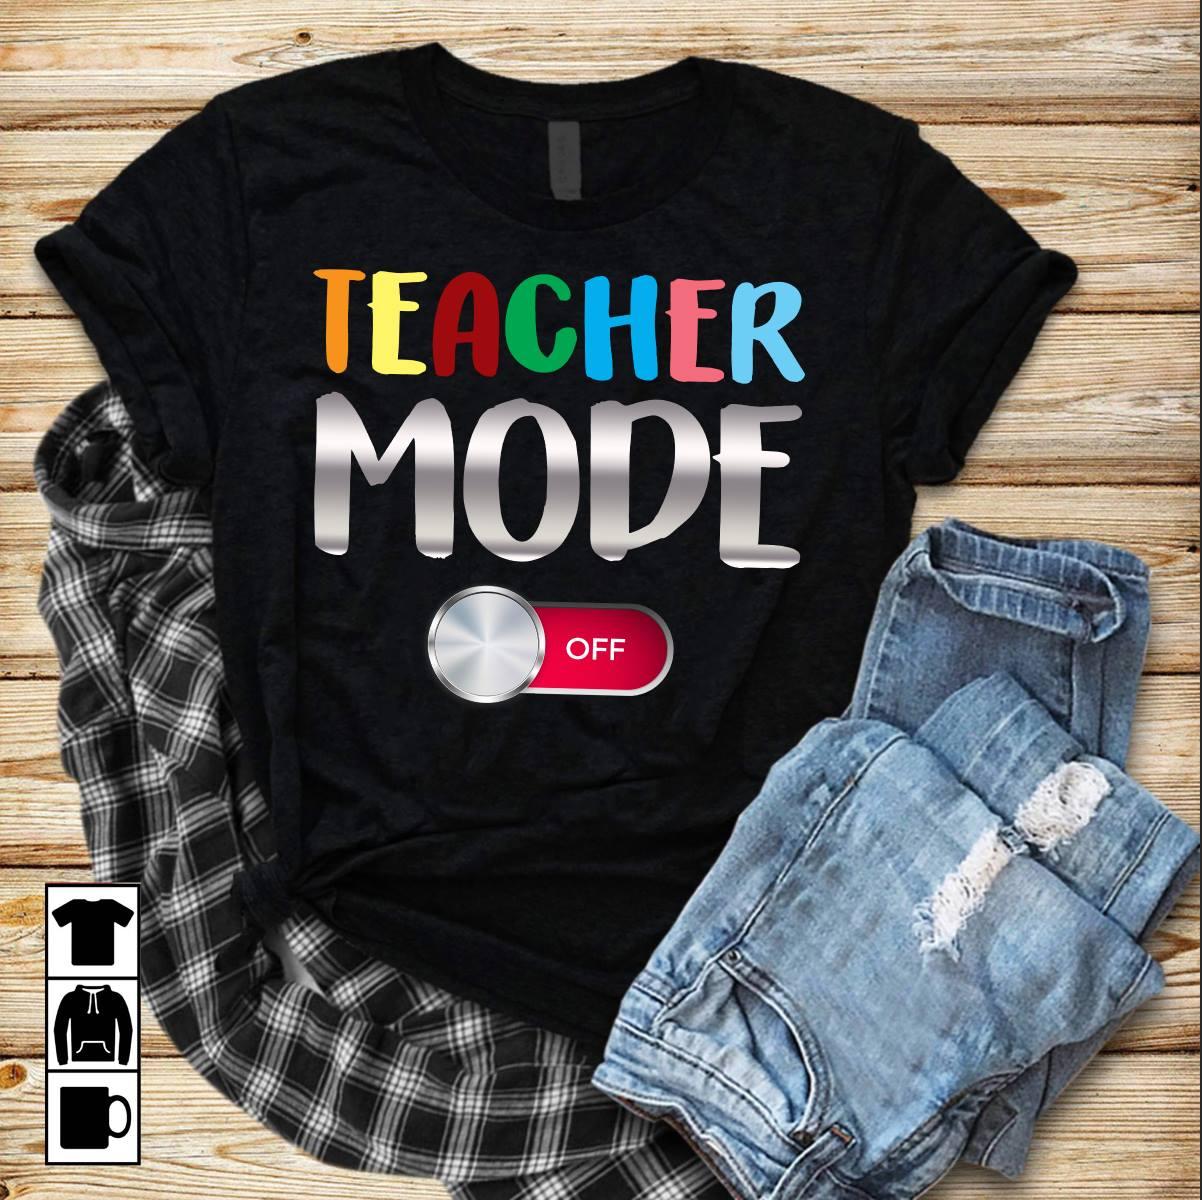 Funny Teacher Shirt Teacher Mode Off